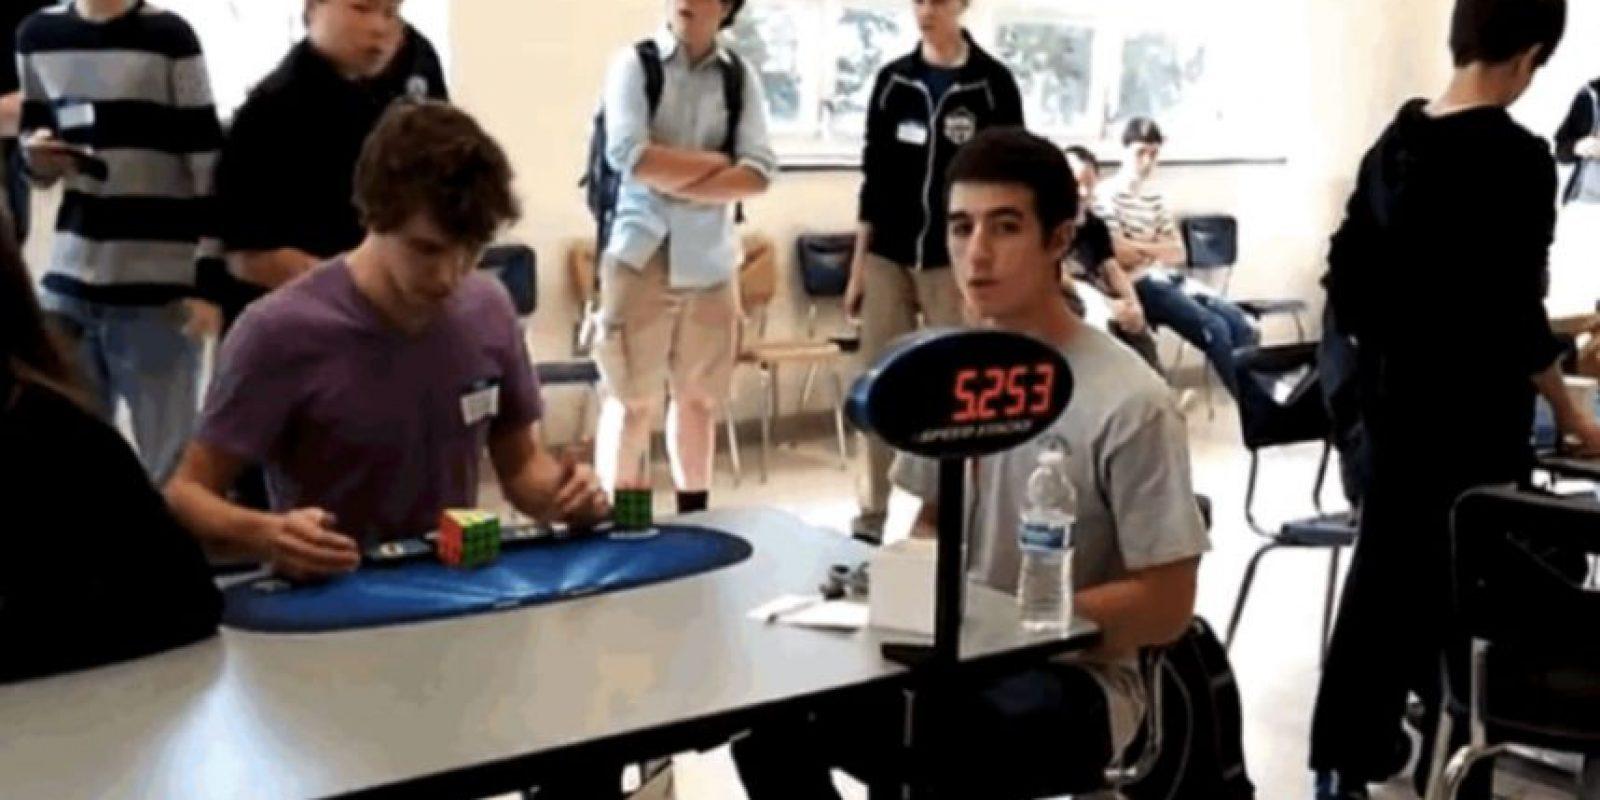 Ayer se rompió la barrera de los cinco segundos y medio para resolver el cubo Rubik de 3x3x3 Foto:DGCubes